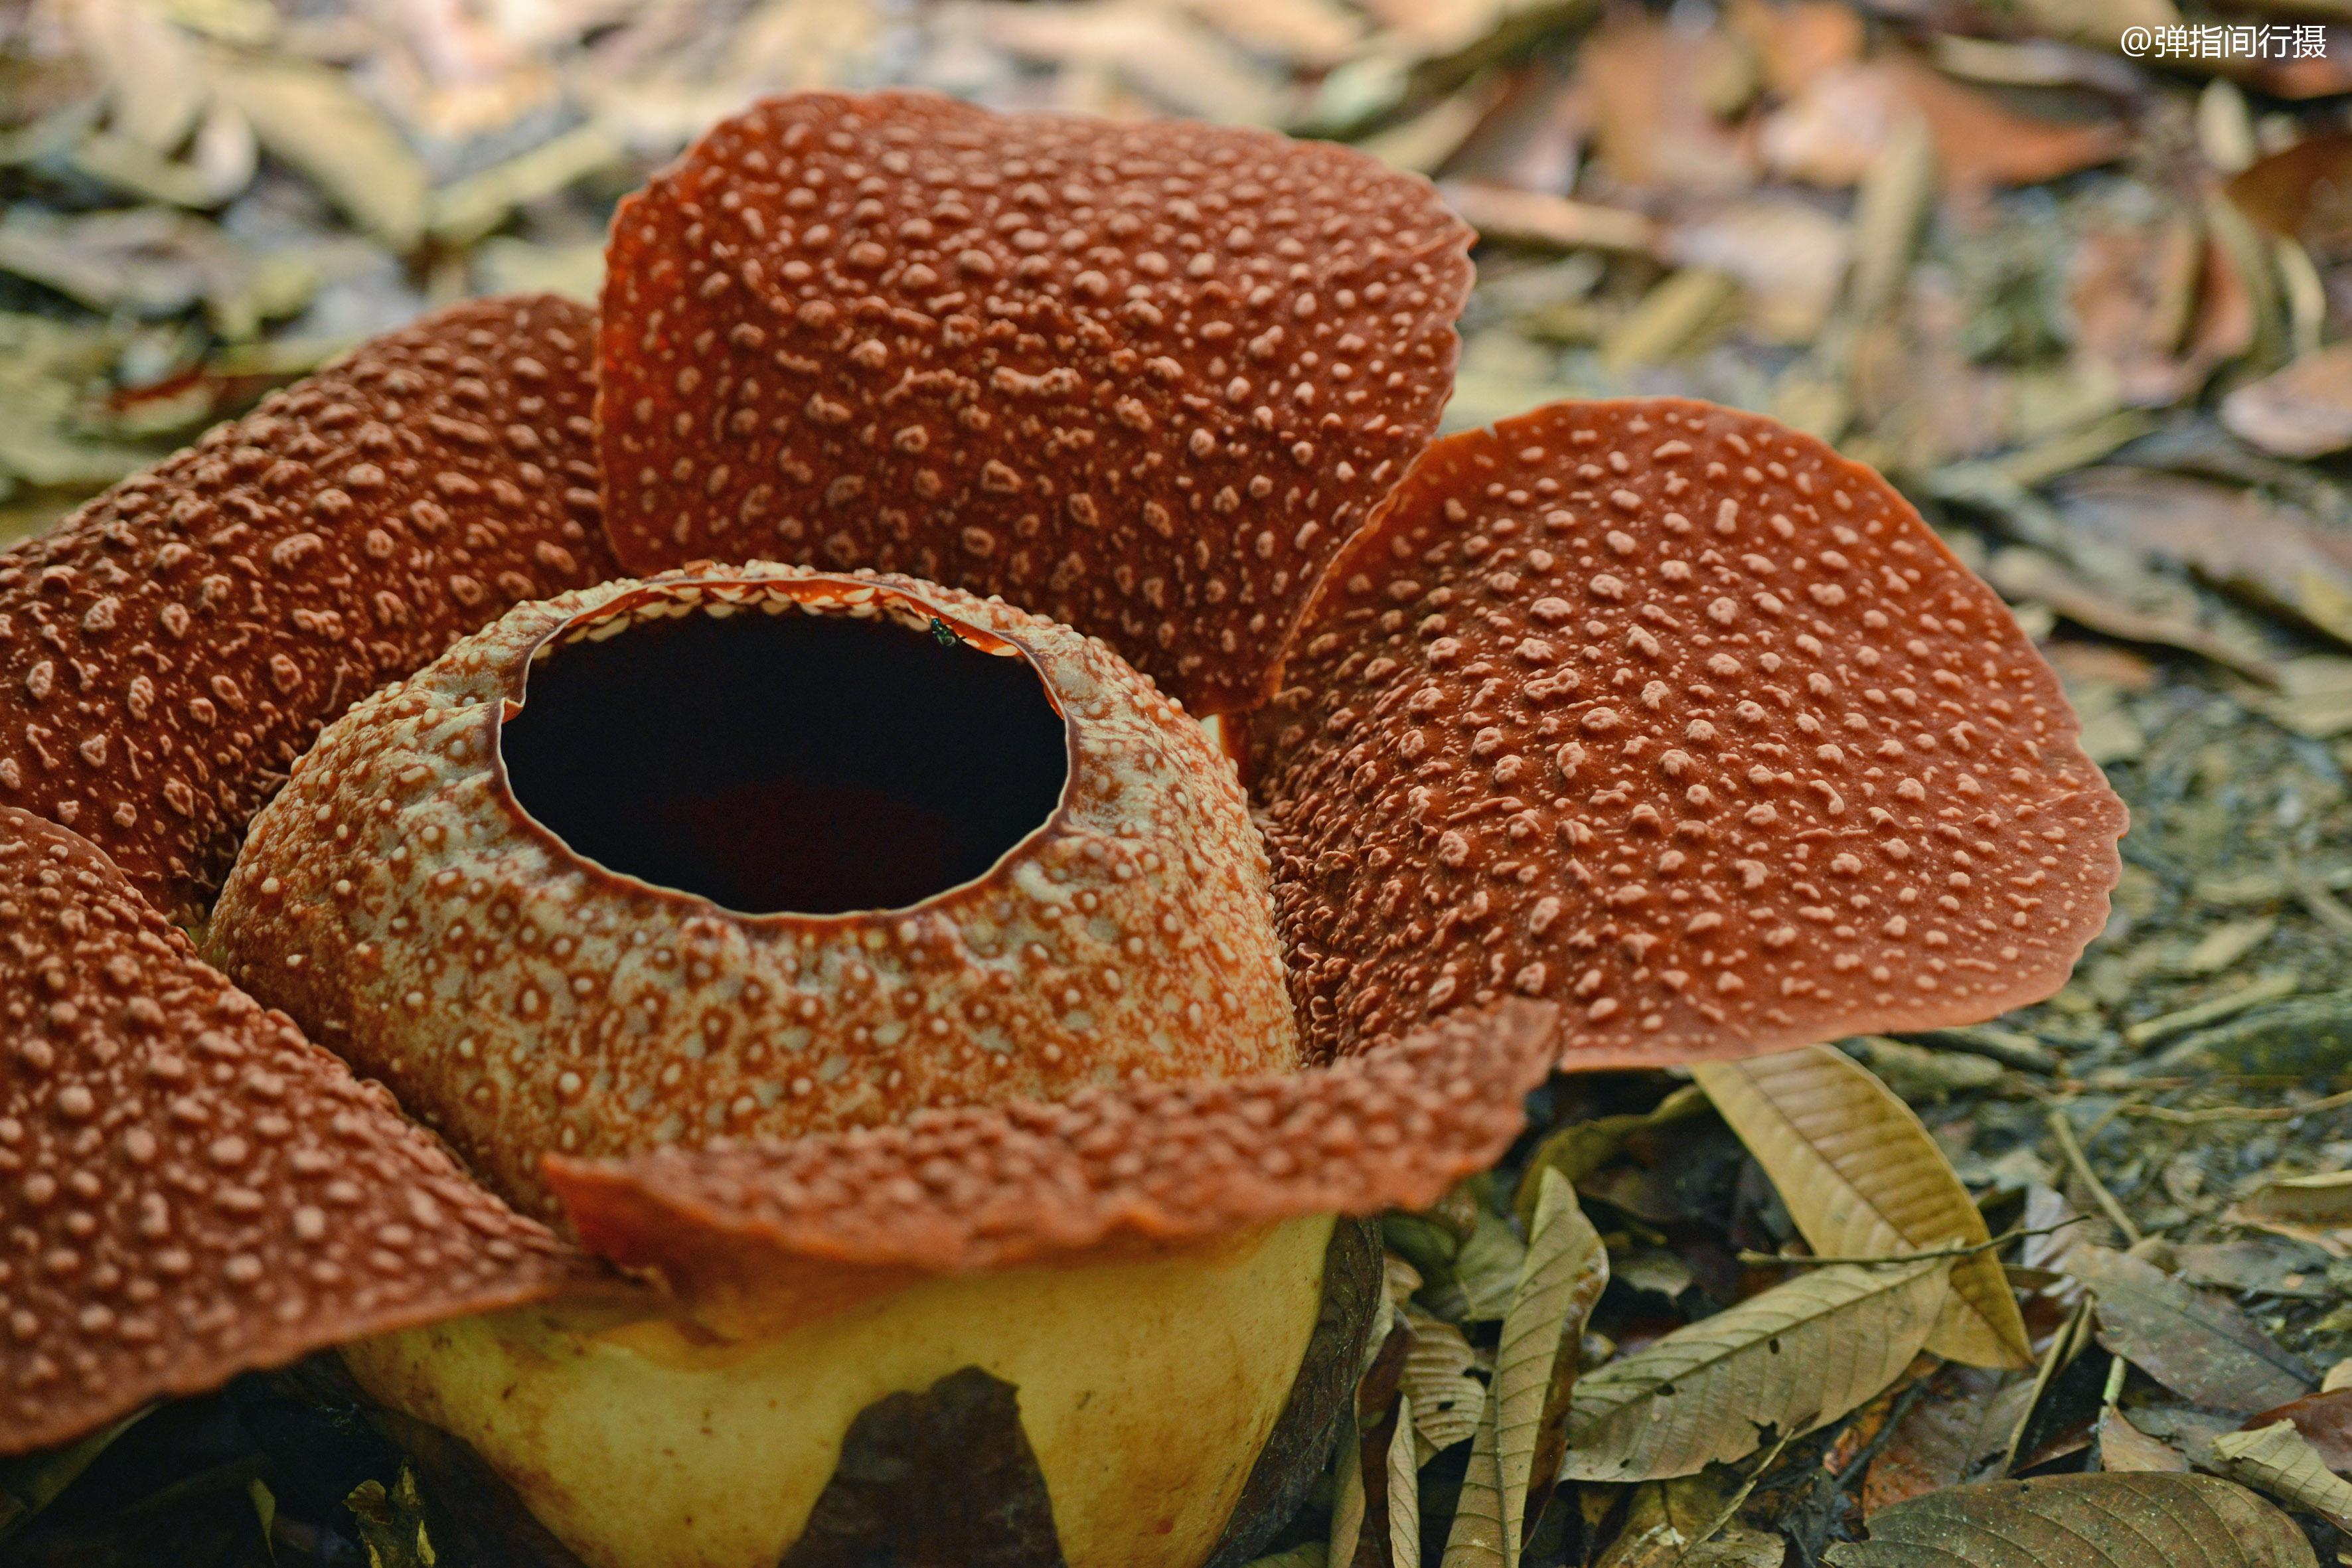 原创             世界上最大的花卉,花瓣直径可达1.4米,生长东南亚最高山峰上